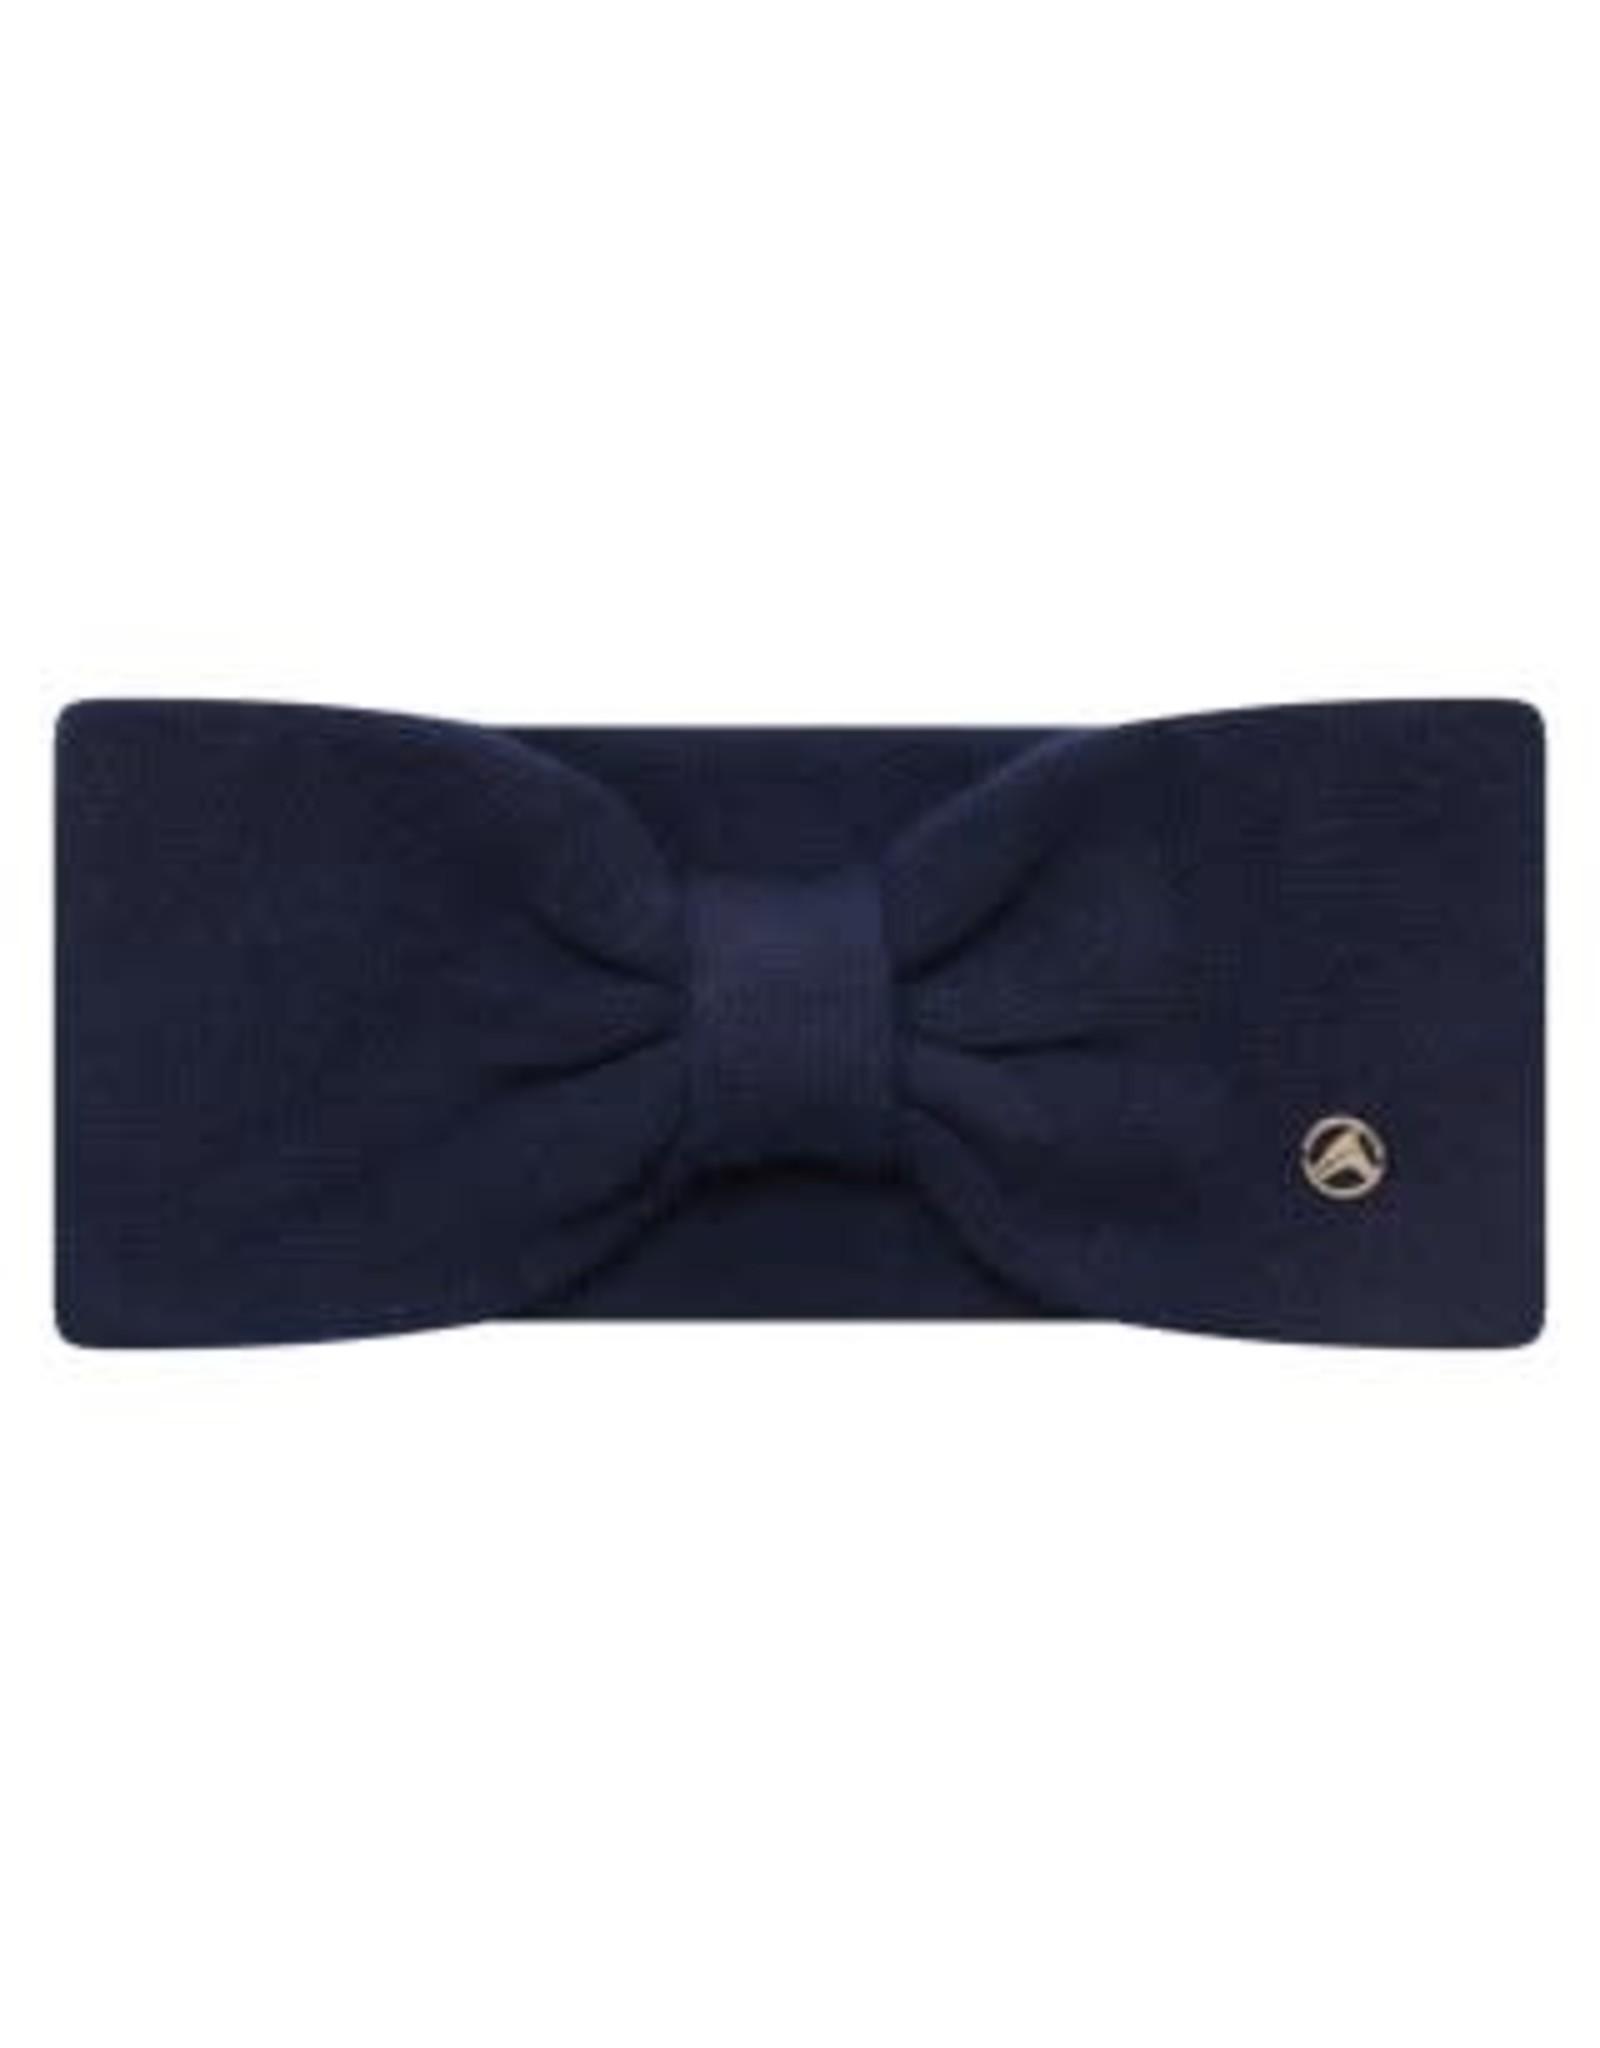 Euro-Star Luxury Headband Navy